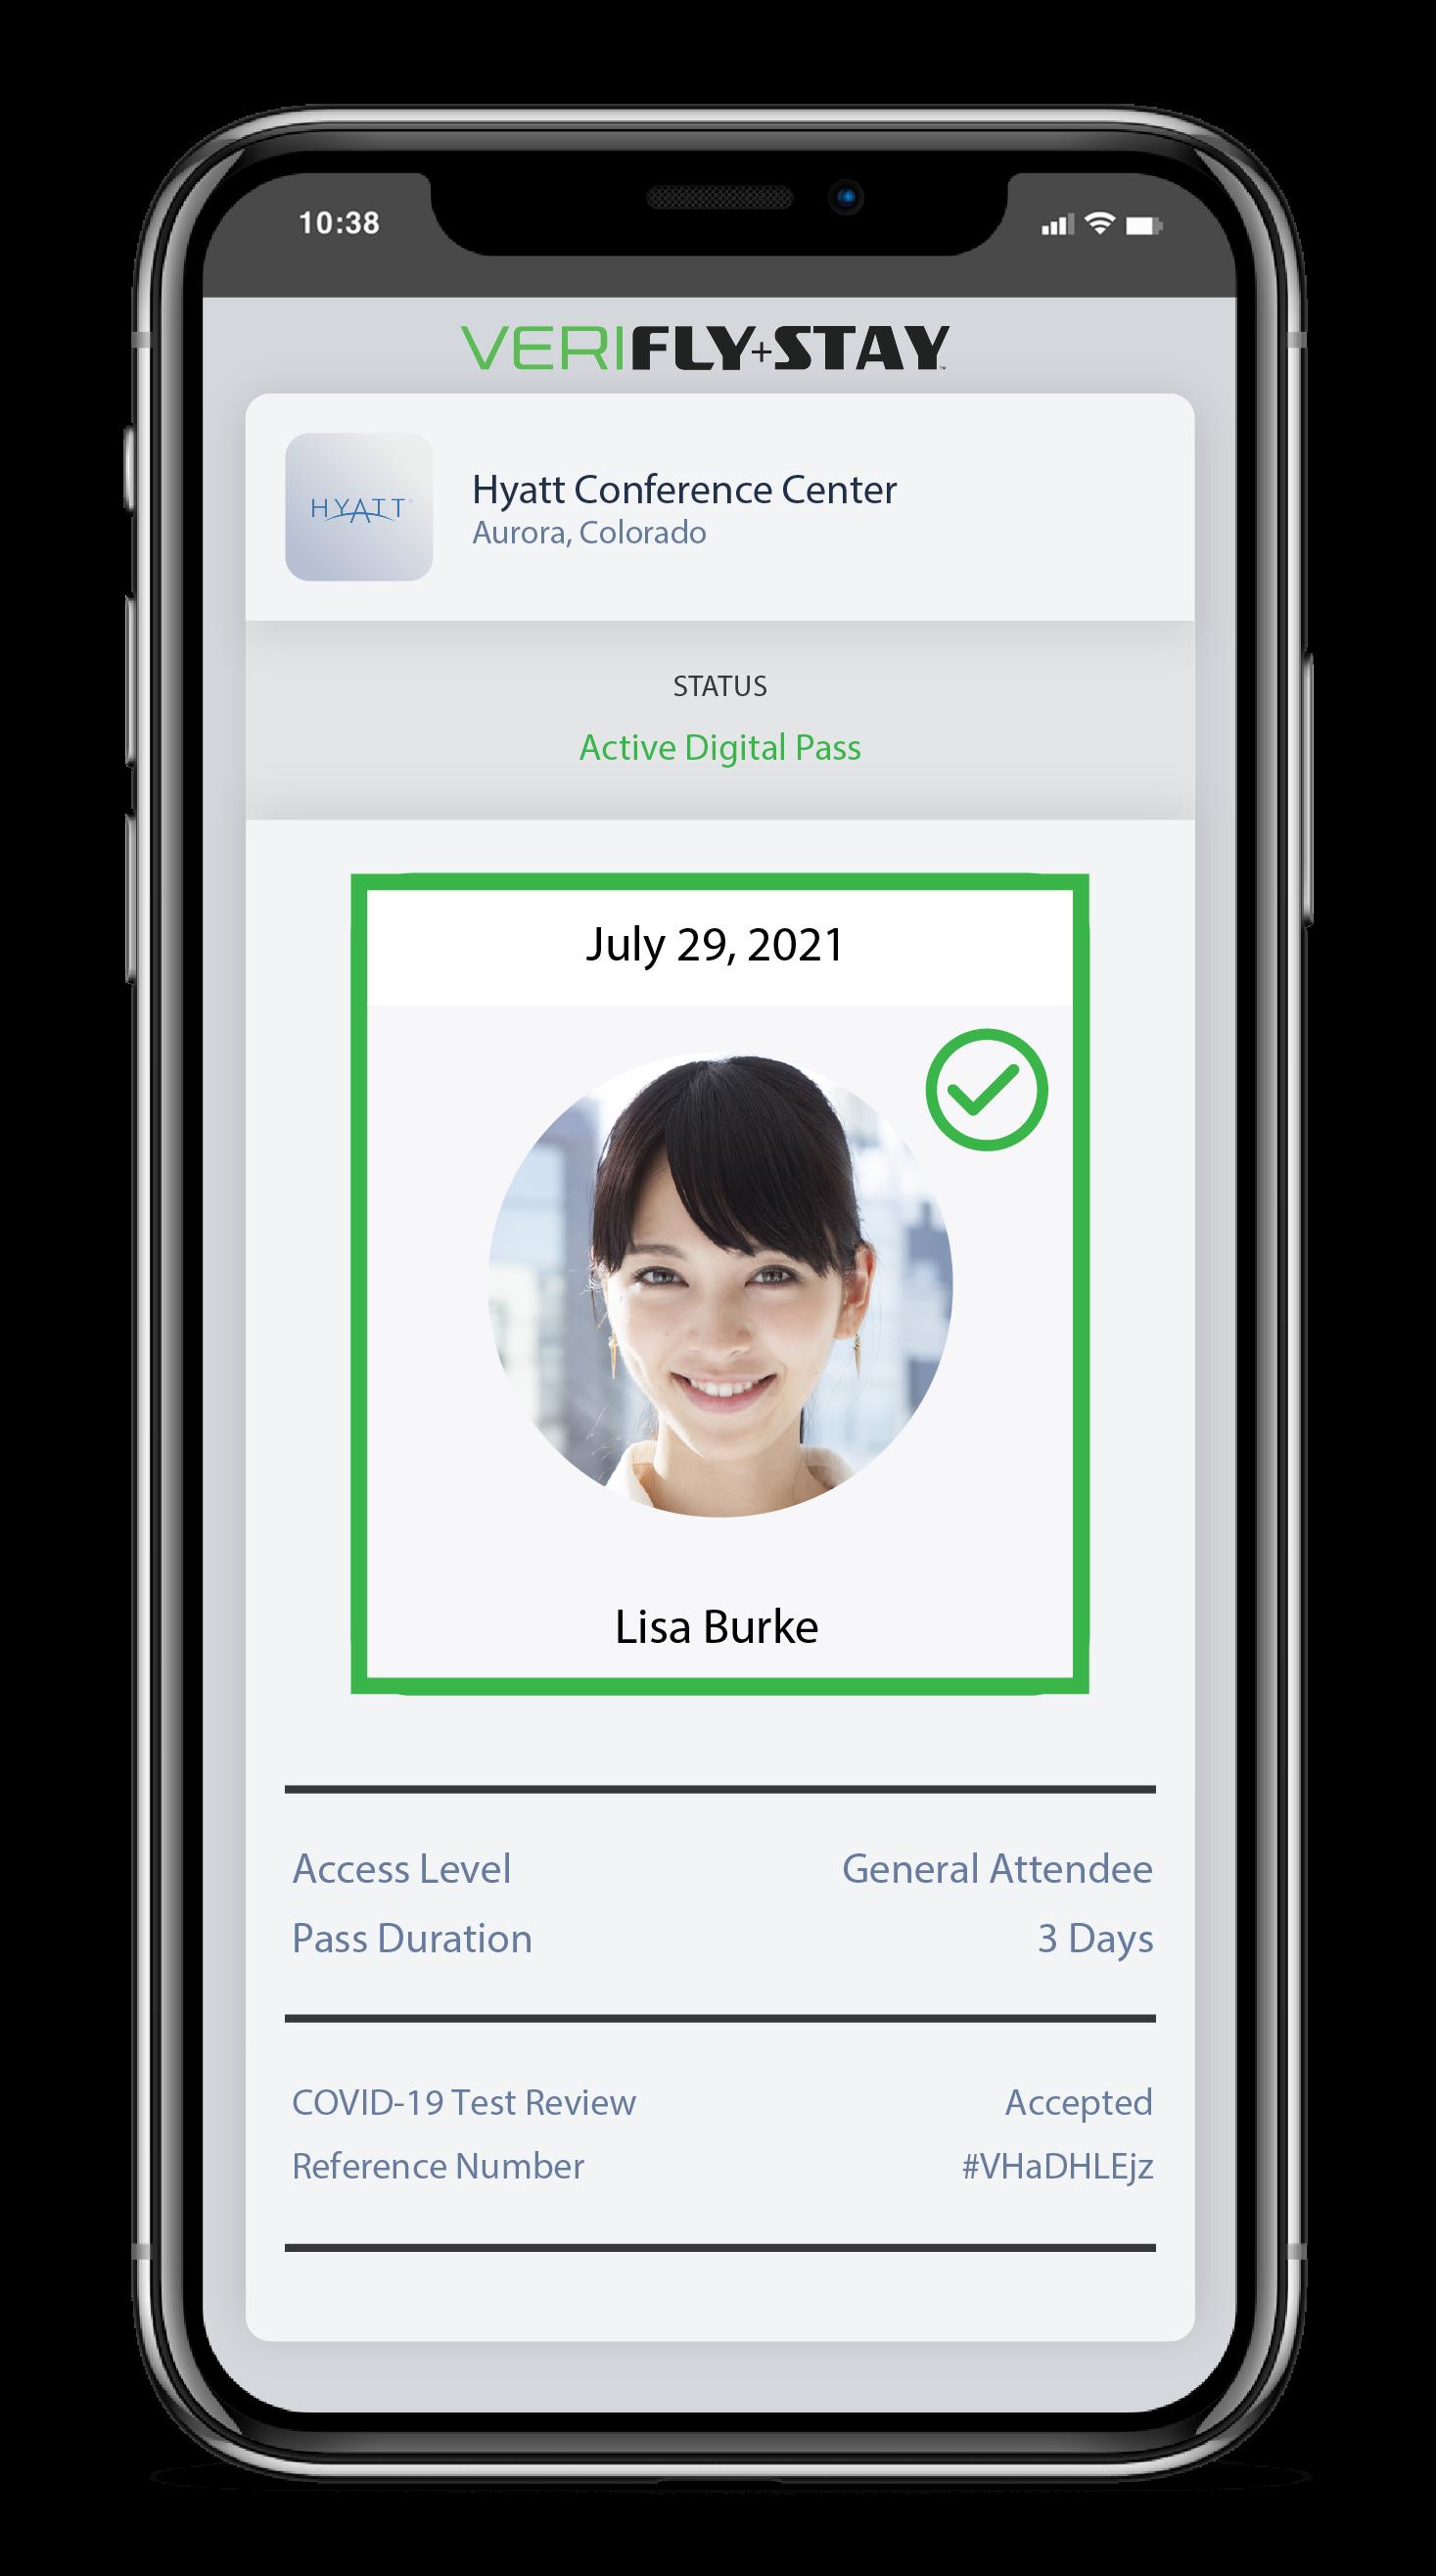 アイルランドの生体認証サービス提供企業Daon社、デジタル検査証明アプリ「VeriFLY」をバージョンアップ